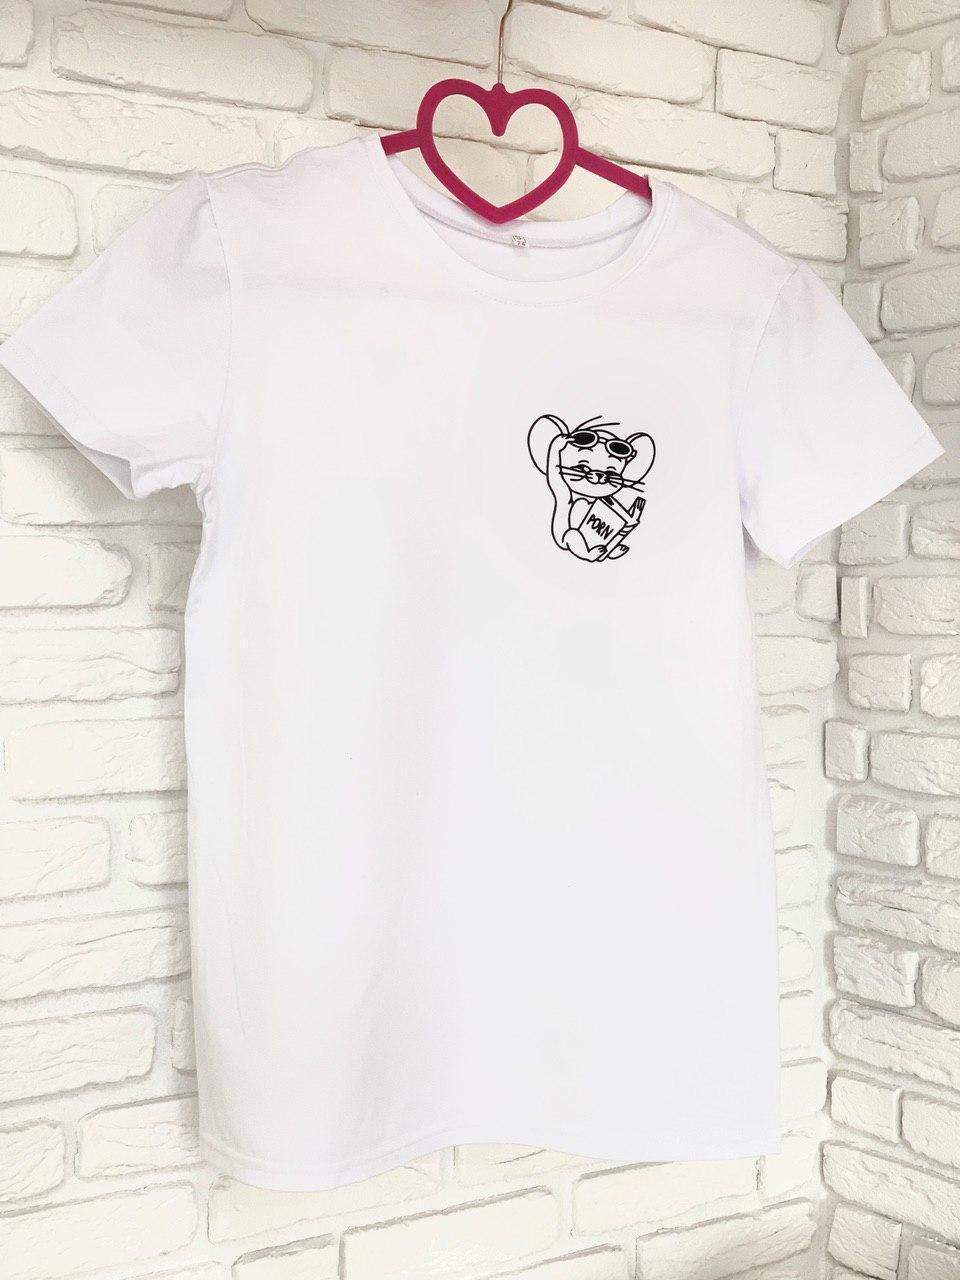 Женская футболка хлопок белая с принтом Jerry джерри мышка Mouse SKL59-259639